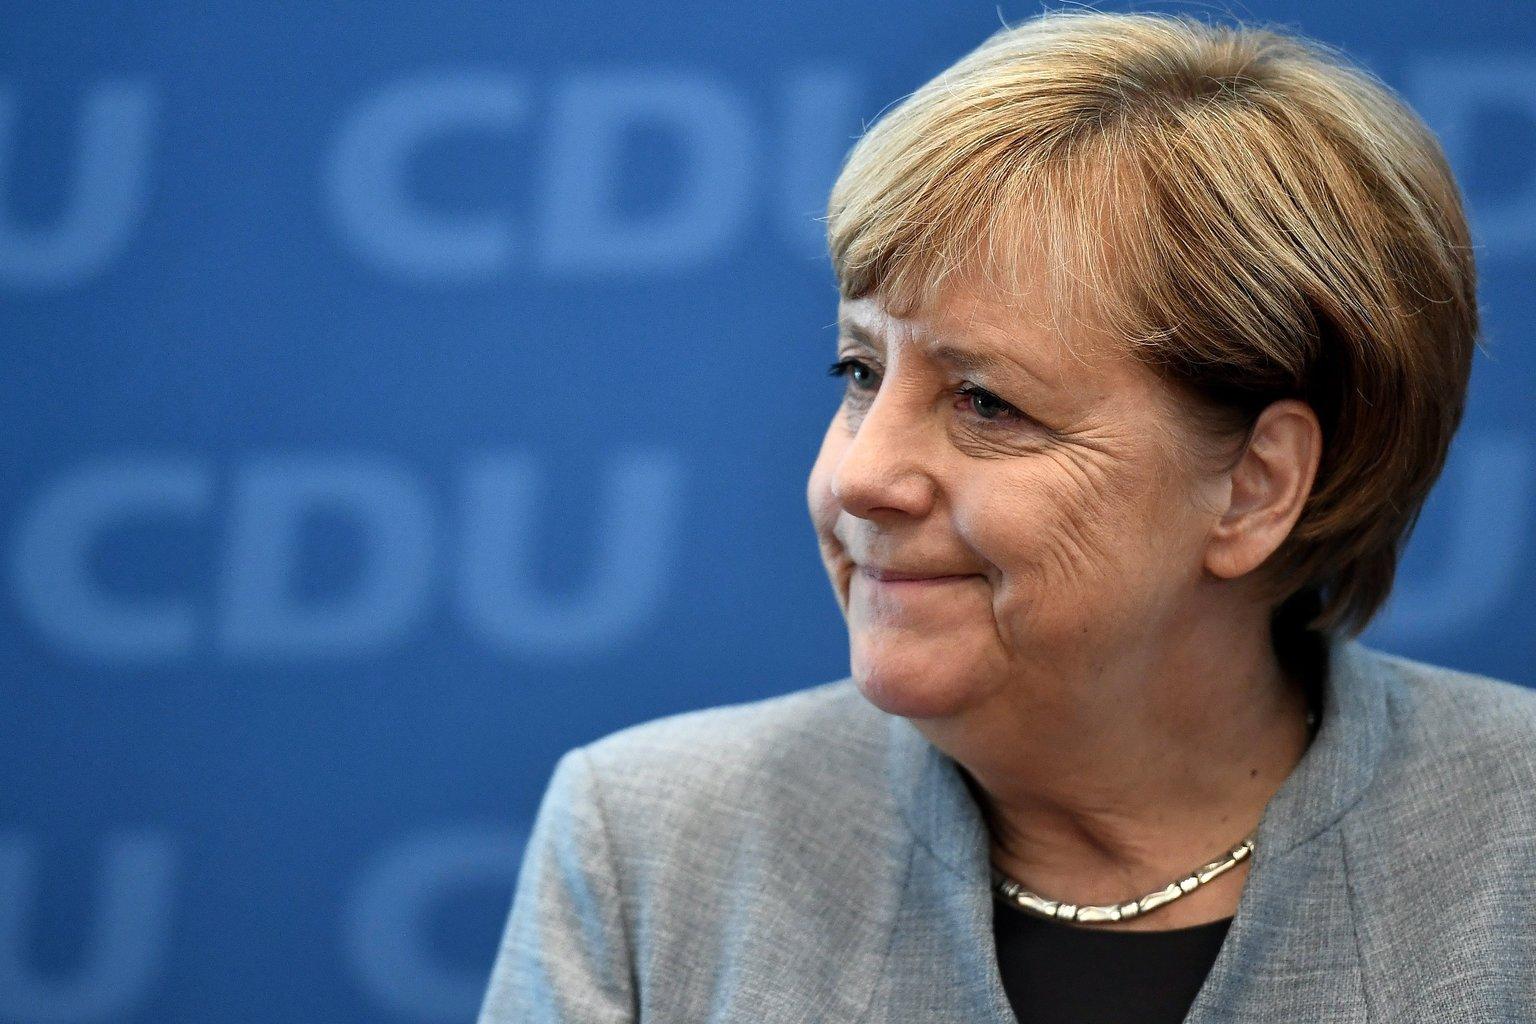 Berlin, 2017. szeptember 25. A német parlamenti választásokon győztes Angela Merkel német kancellár, a Kereszténydemokrata Unió, a CDU elnöke és kancellárjelöltje a párt elnökségi ülésén Berlinben 2017. szeptember 25-én, a választások másnapján. A CDU és a Keresztényszociális Unió, CSU alkotta jobbközép pártszövetség a szavazatok 33 százalékát szerezte meg, a legtöbb mandátumot biztosítva ezzel a szövetségi parlamentben. (MTI/EPA/Christian Bruna)